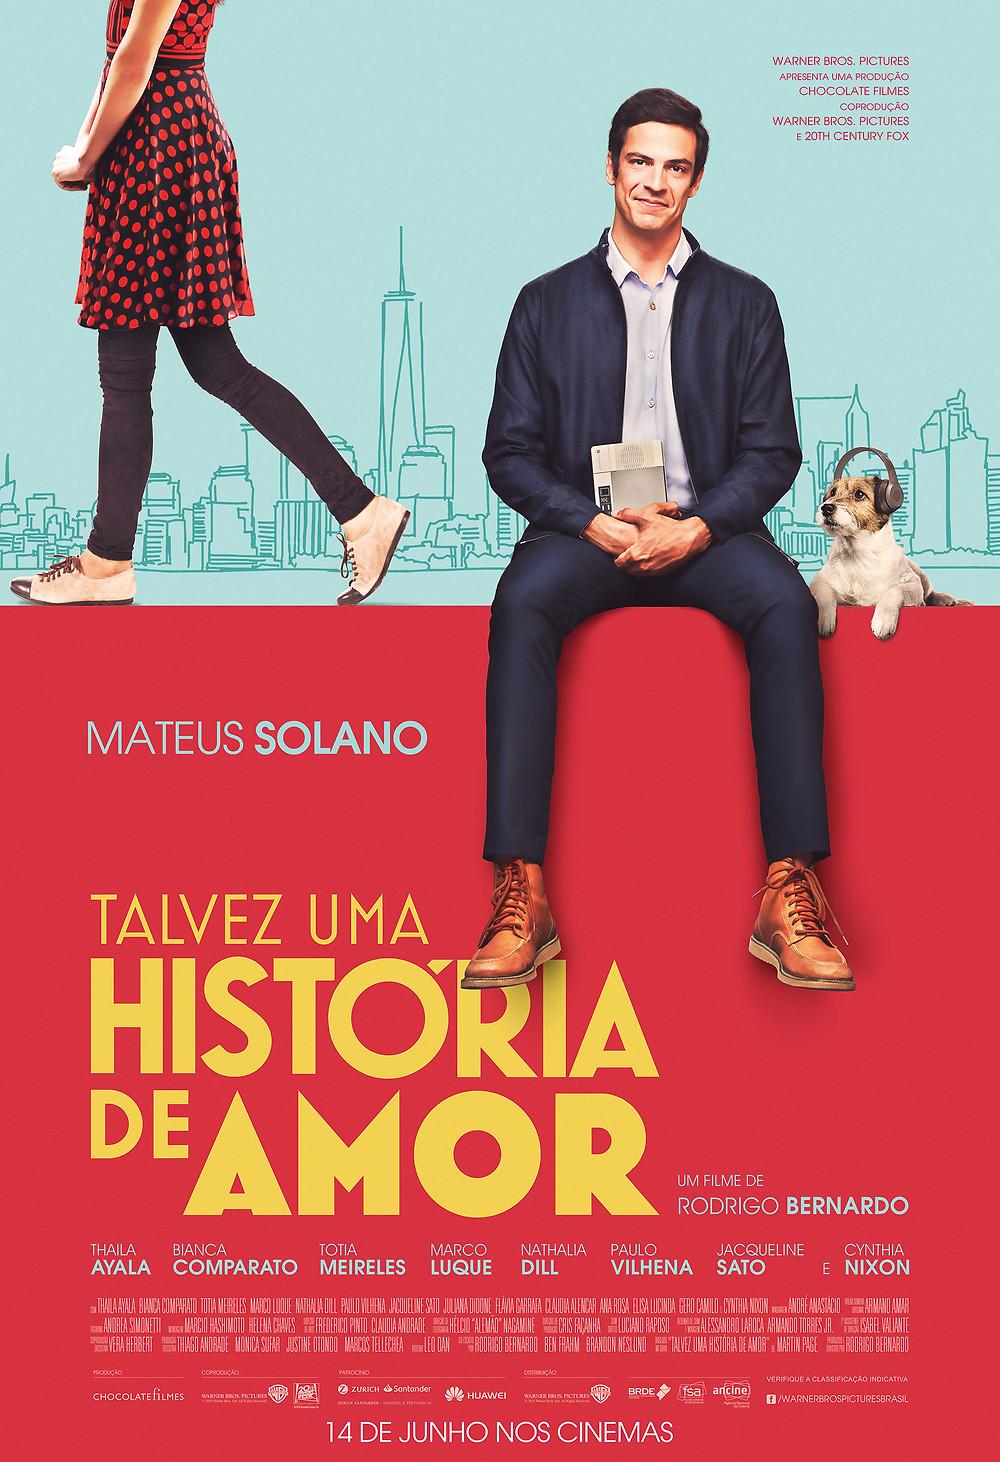 Pôster de Talvez Uma História de Amor (2018) | Divulgação (Warner Bros. Pictures)